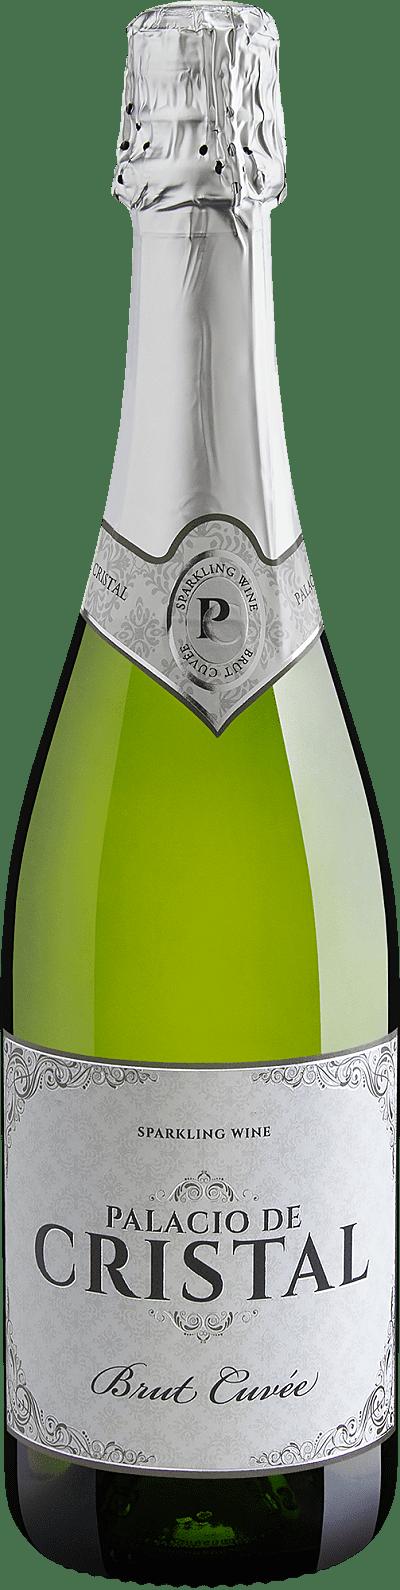 Vinho Espumante Branco - Palacio de Cristal Brut Cuvée - Espanha